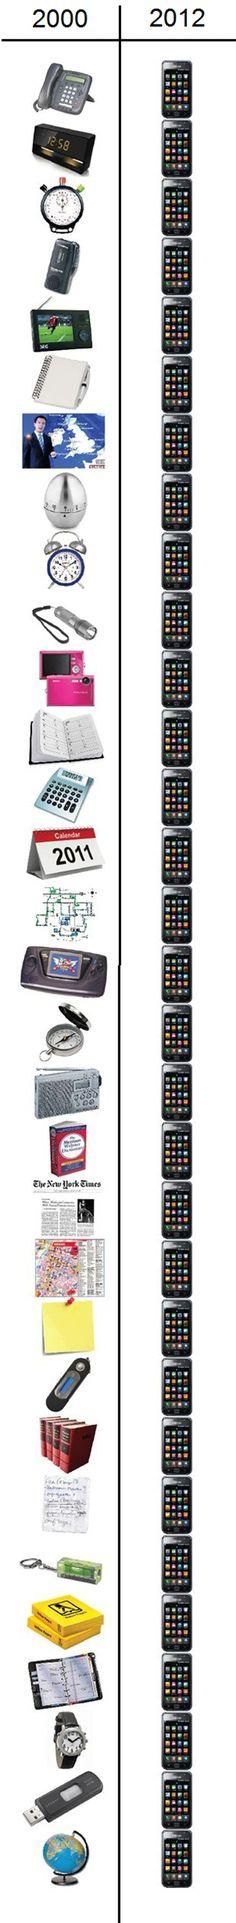 Gadgets of 2000 vs. 2012